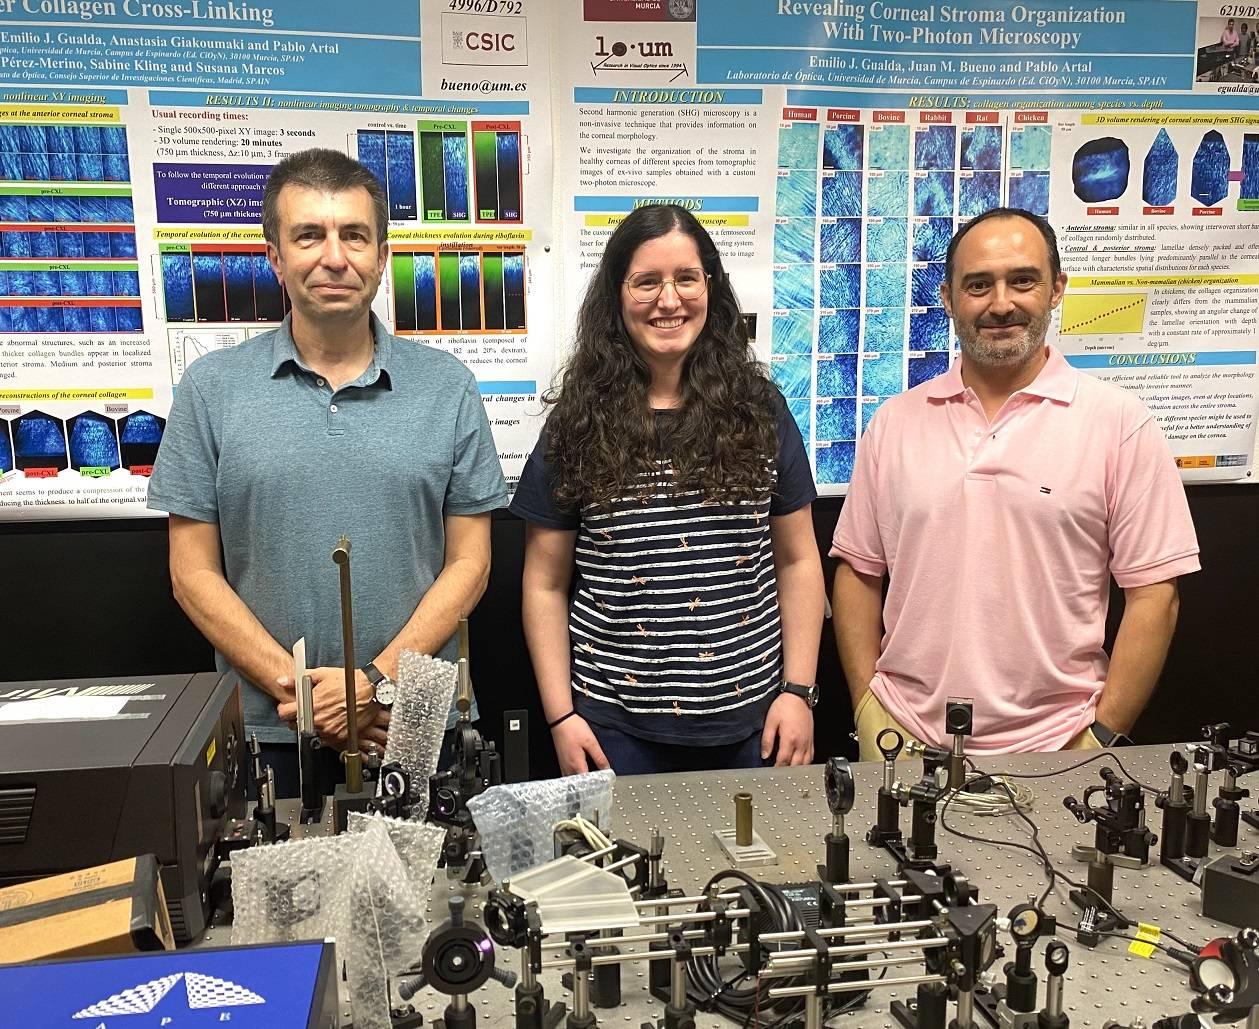 PArtal RMartinez JMBueno LOUM - Científicos del País Vasco demuestran posible construir sensor fluorescente para estudiar los neutrinos y el origen del universo